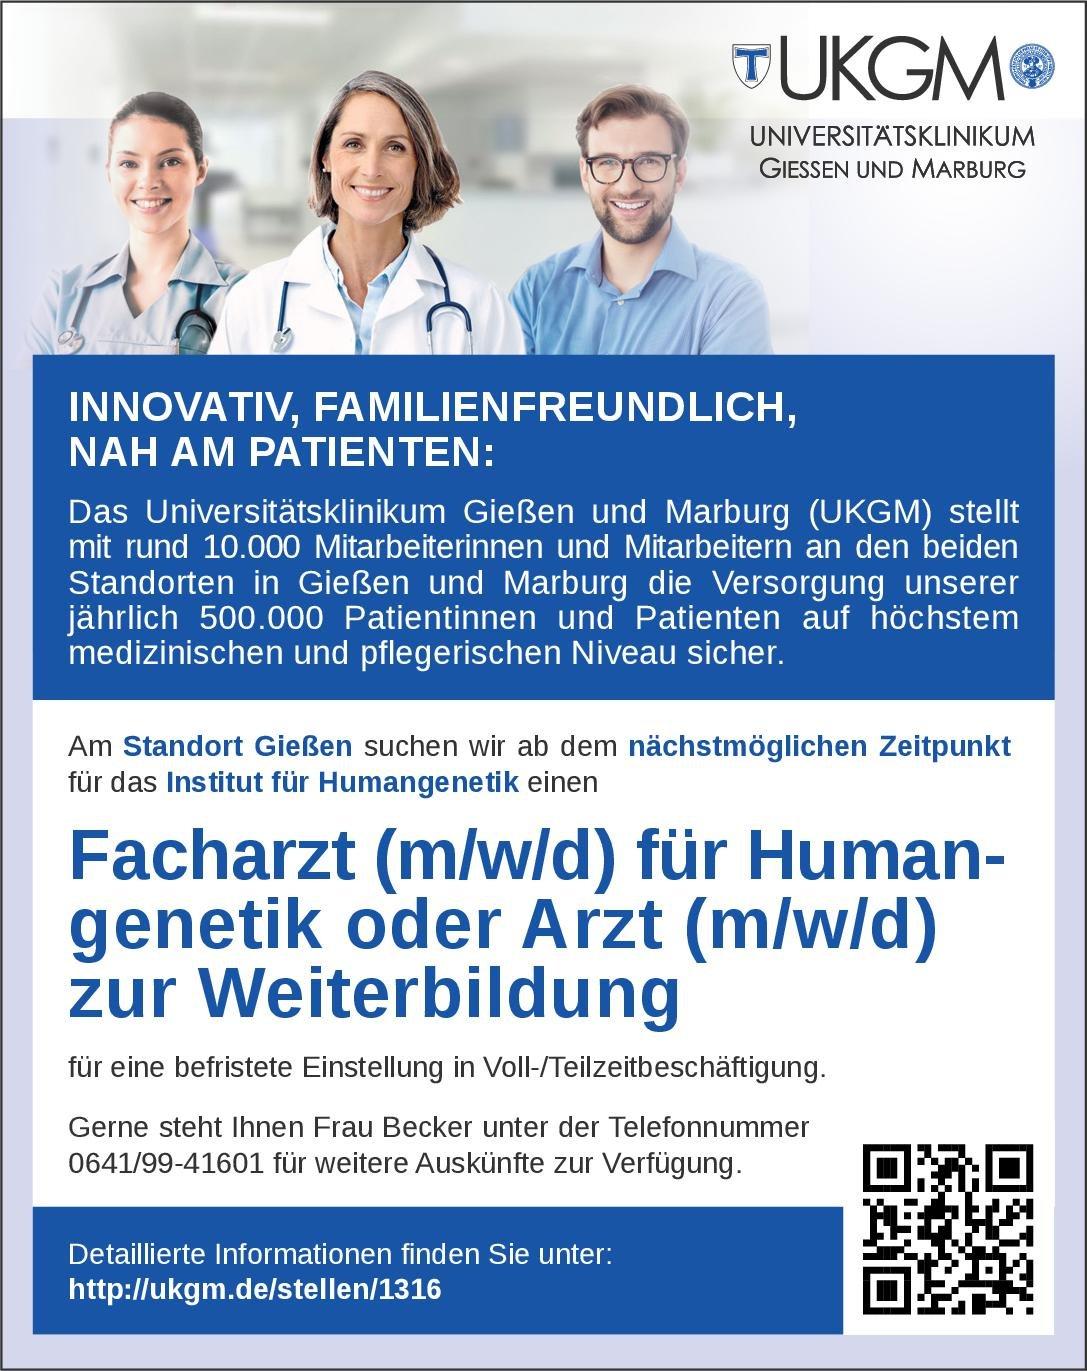 Universitätsklinikum Giessen und Marburg Facharzt (m/w/d) für Humangenetik oder Arzt (m/w/d) zur Weiterbildung Humangenetik Arzt / Facharzt, Assistenzarzt / Arzt in Weiterbildung